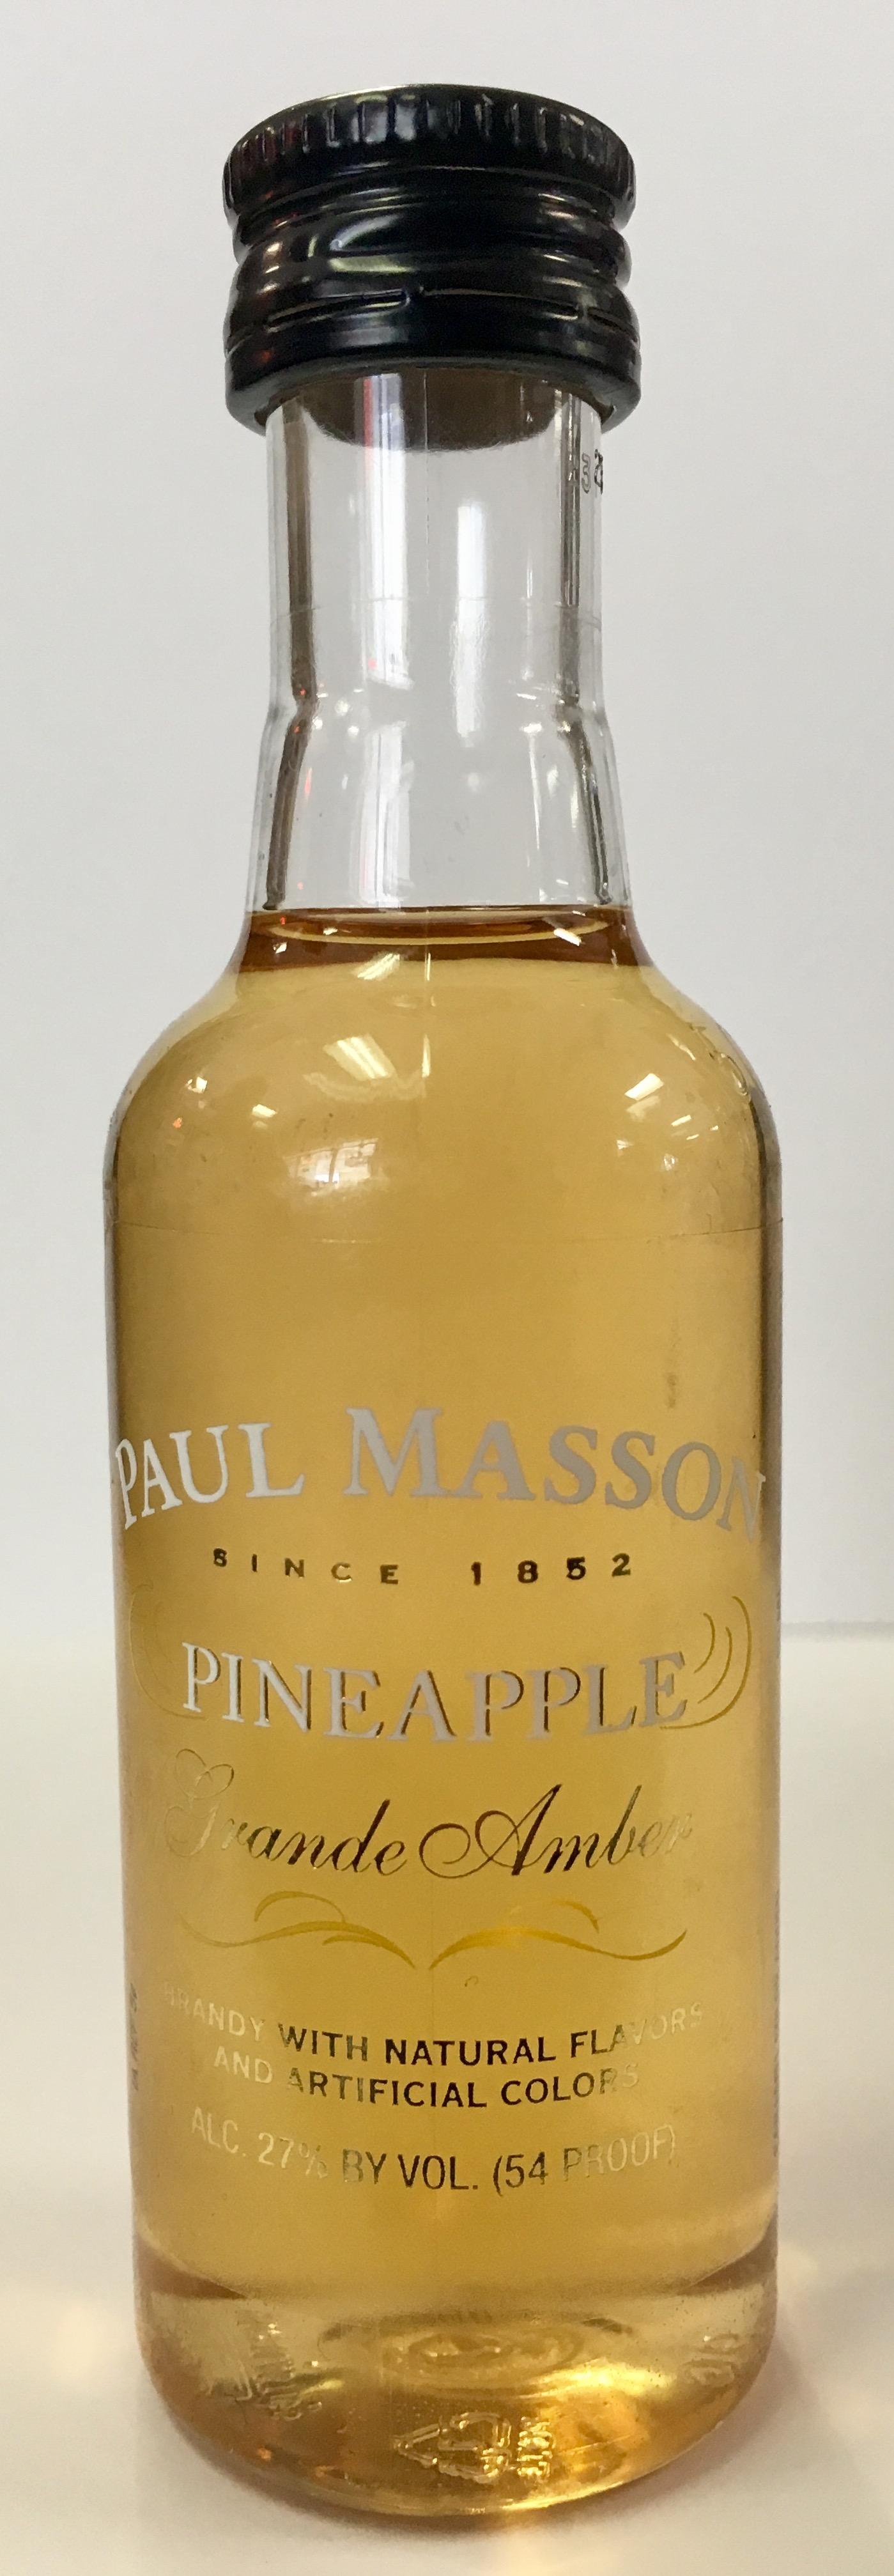 Order Mini Bottles of Liquor Online | Spirit Favors